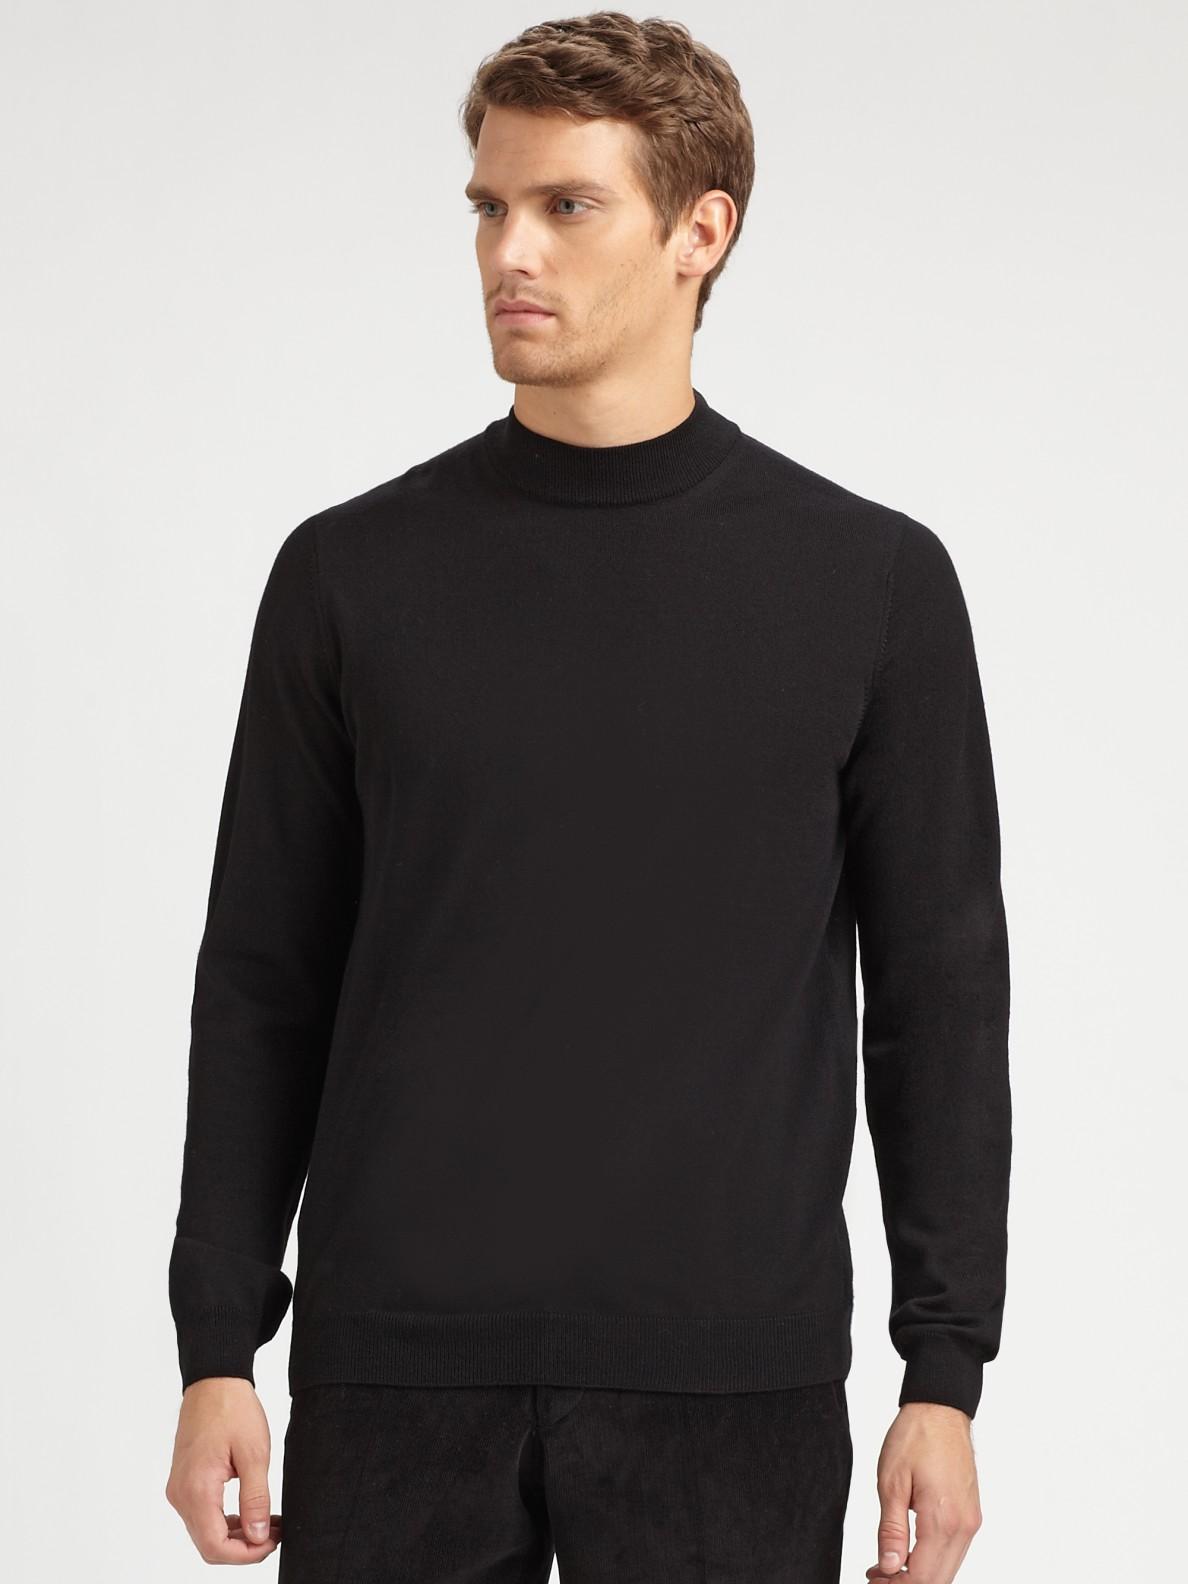 Lyst saks fifth avenue mockneck sweater in black for men for Big and tall mock turtleneck shirt